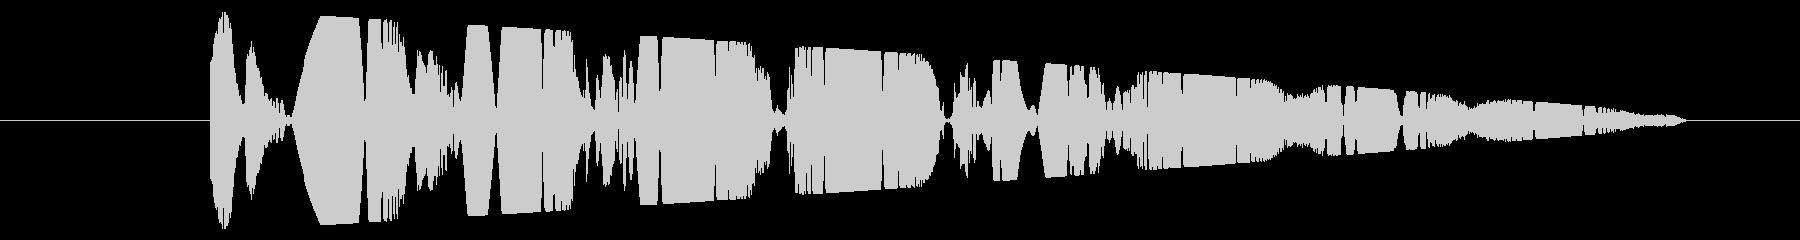 打撃 ウォベリング・トワール01の未再生の波形